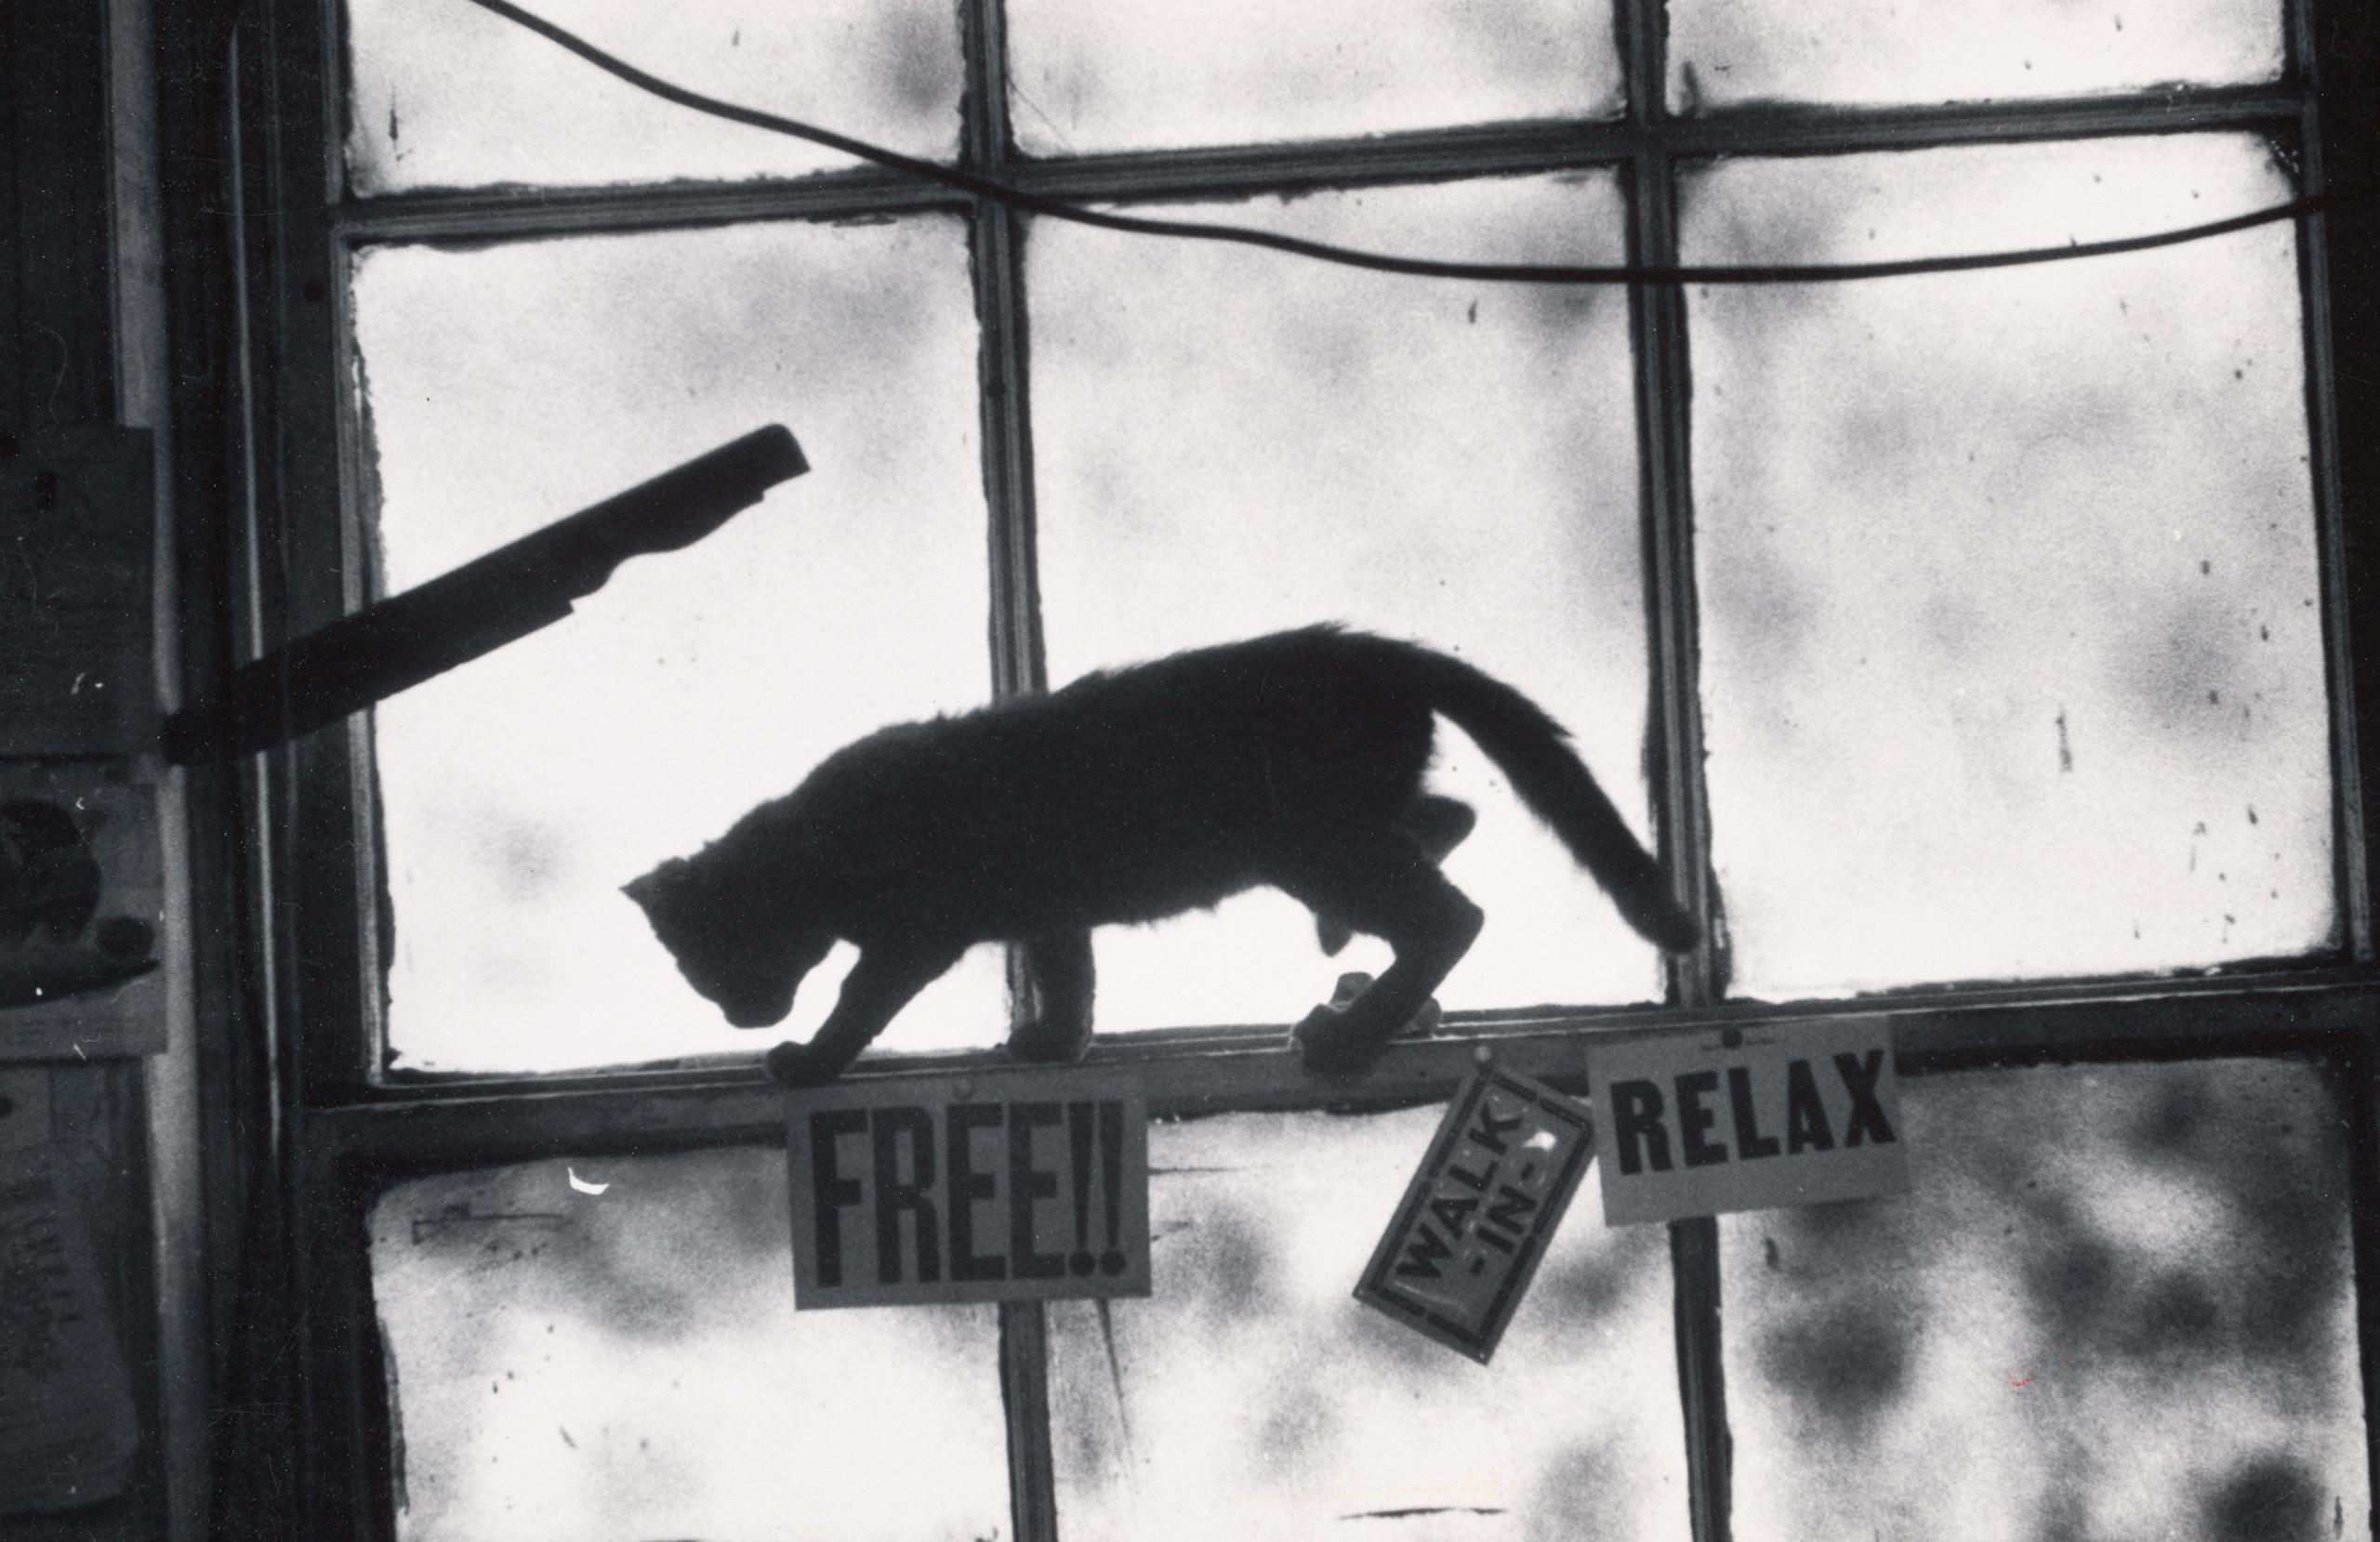 The Loft window, c. 1957-1964.